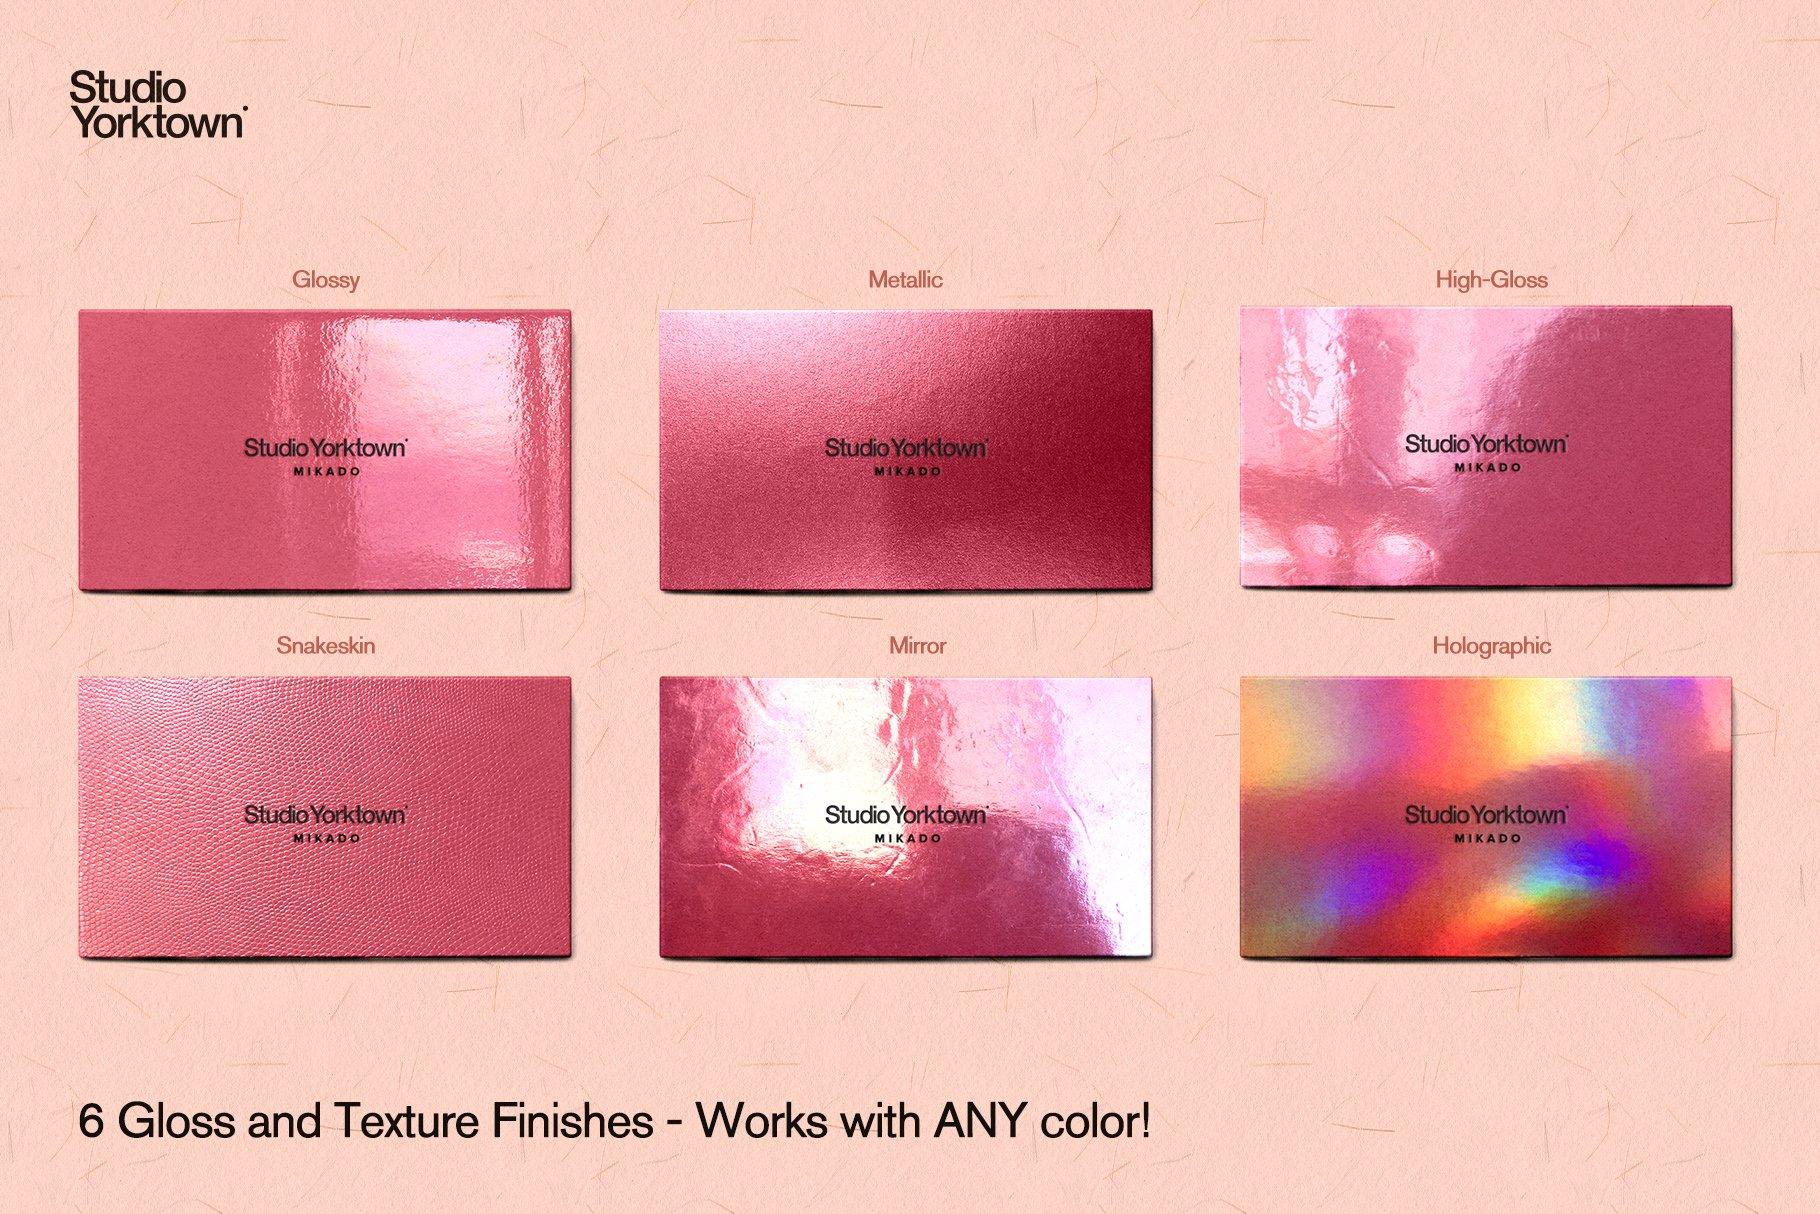 [淘宝购买] 潮流炫彩压印效果商务名片卡片设计贴图样机模板 Studio Yorktown – Mikado Business Card Mockup Template插图1